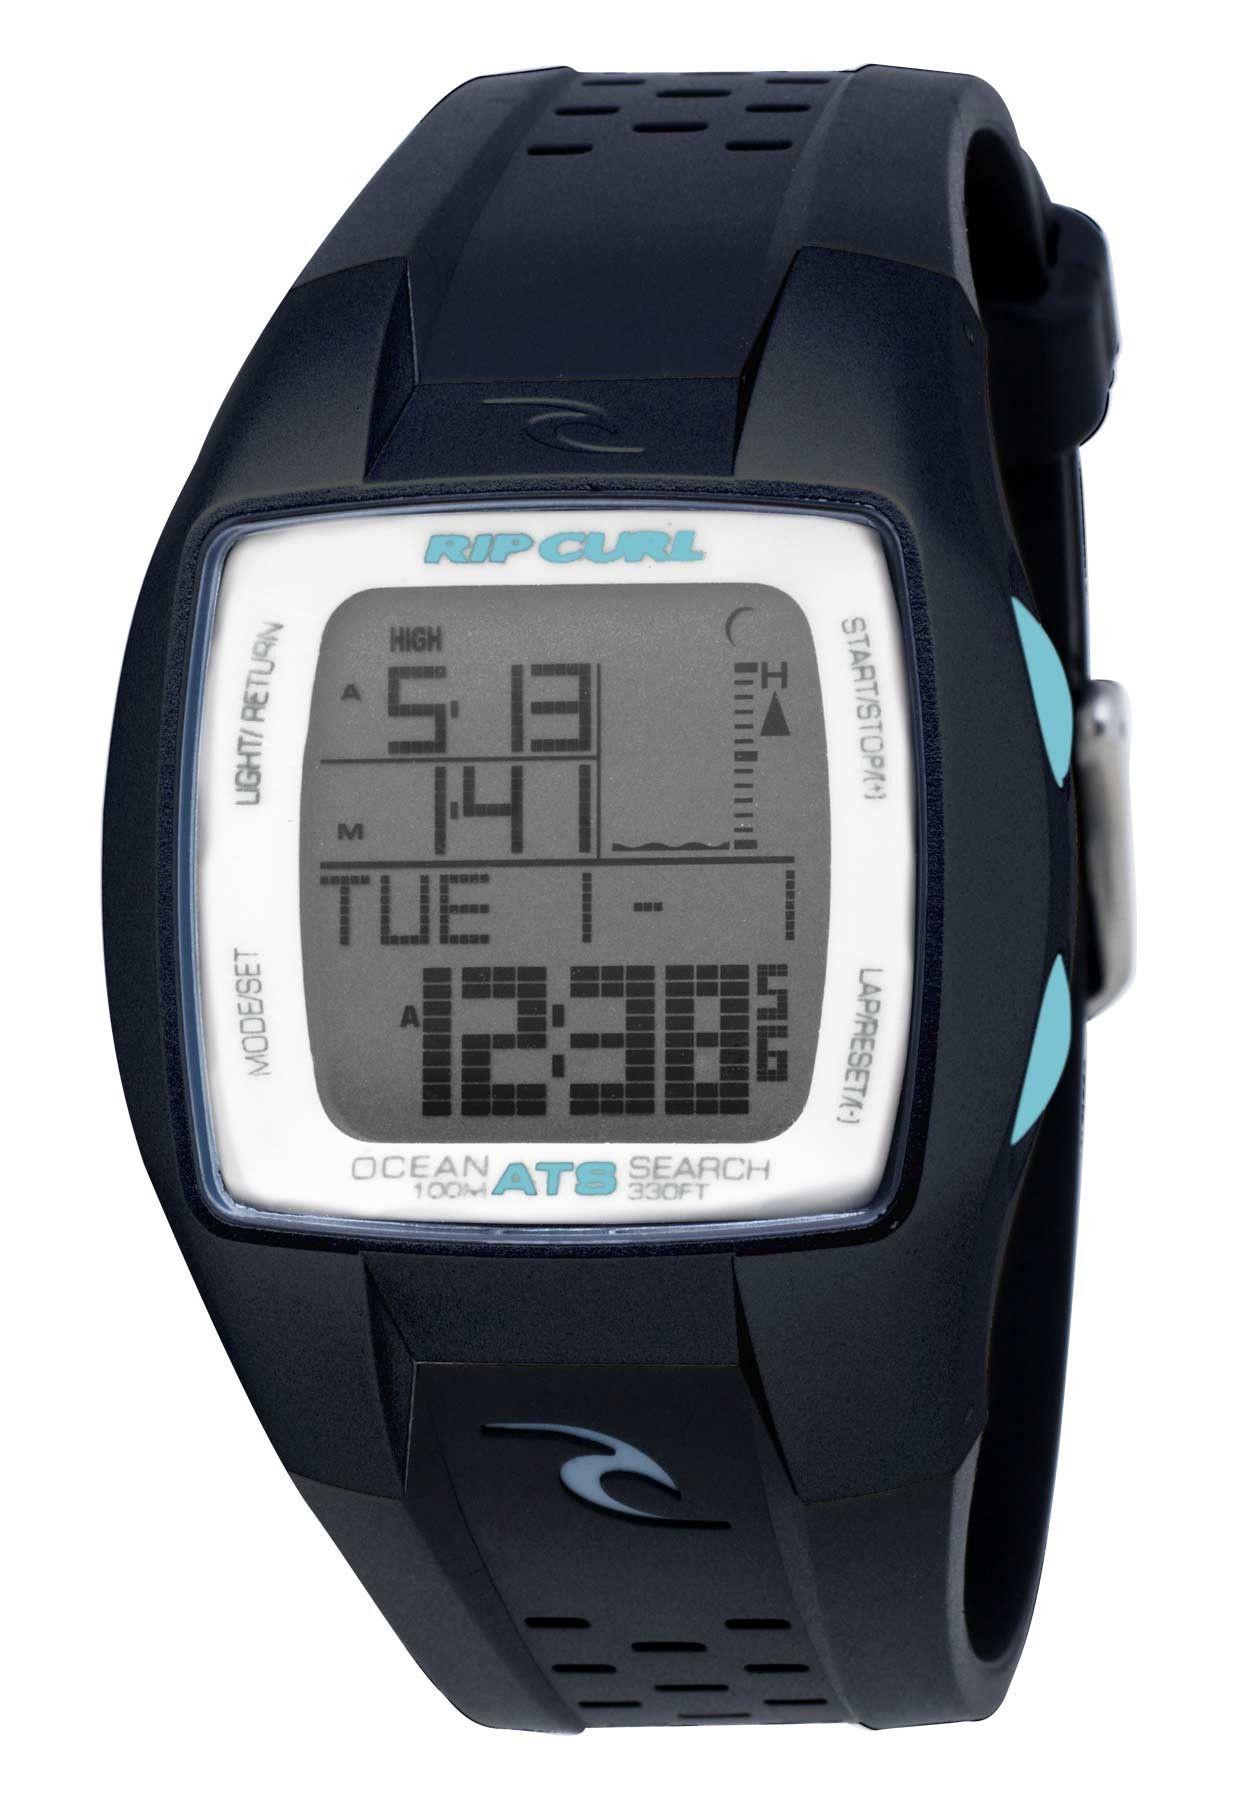 ebfce019e550c2d1f9d6e0e99c01e722 Rip Curl Smartwatch